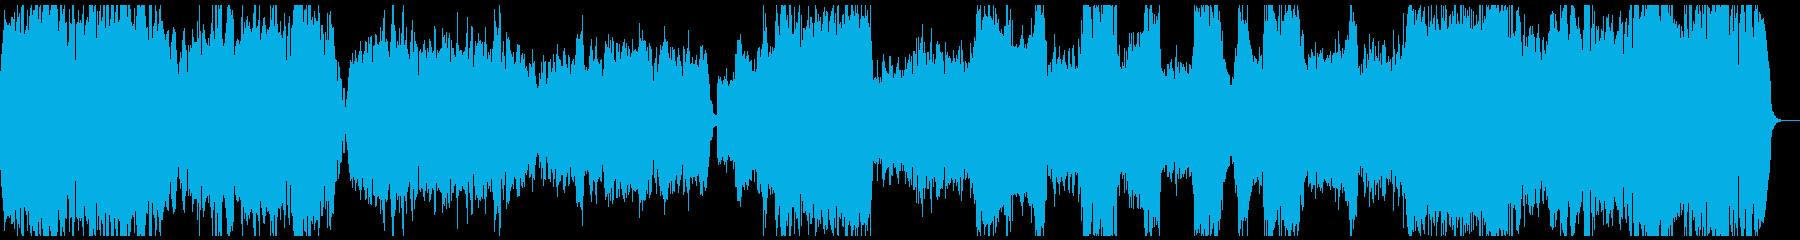 BWV1067/1『序曲』バッハの再生済みの波形